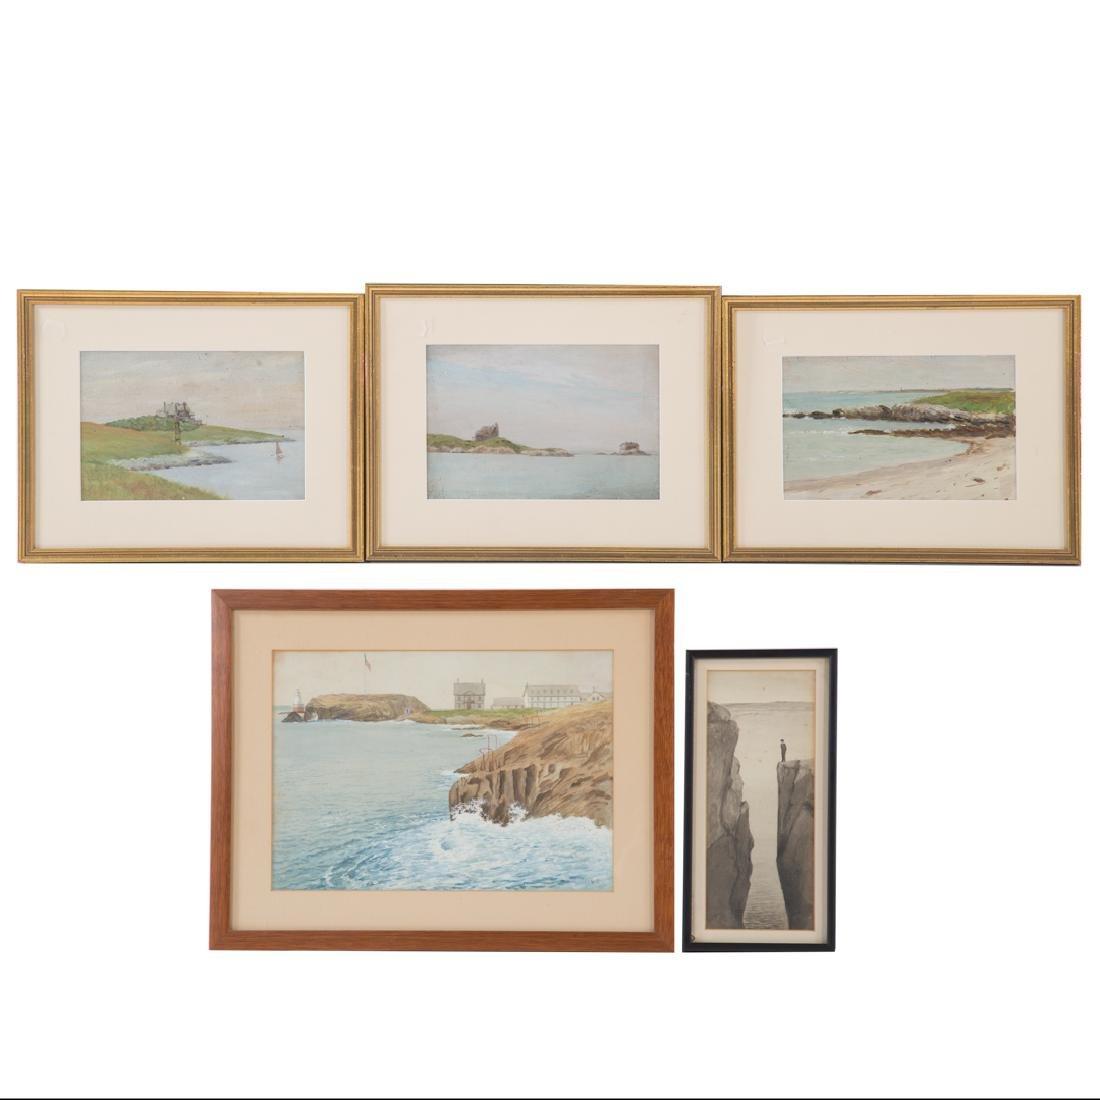 Oliver Perry. Five framed Newport, R.I. artworks